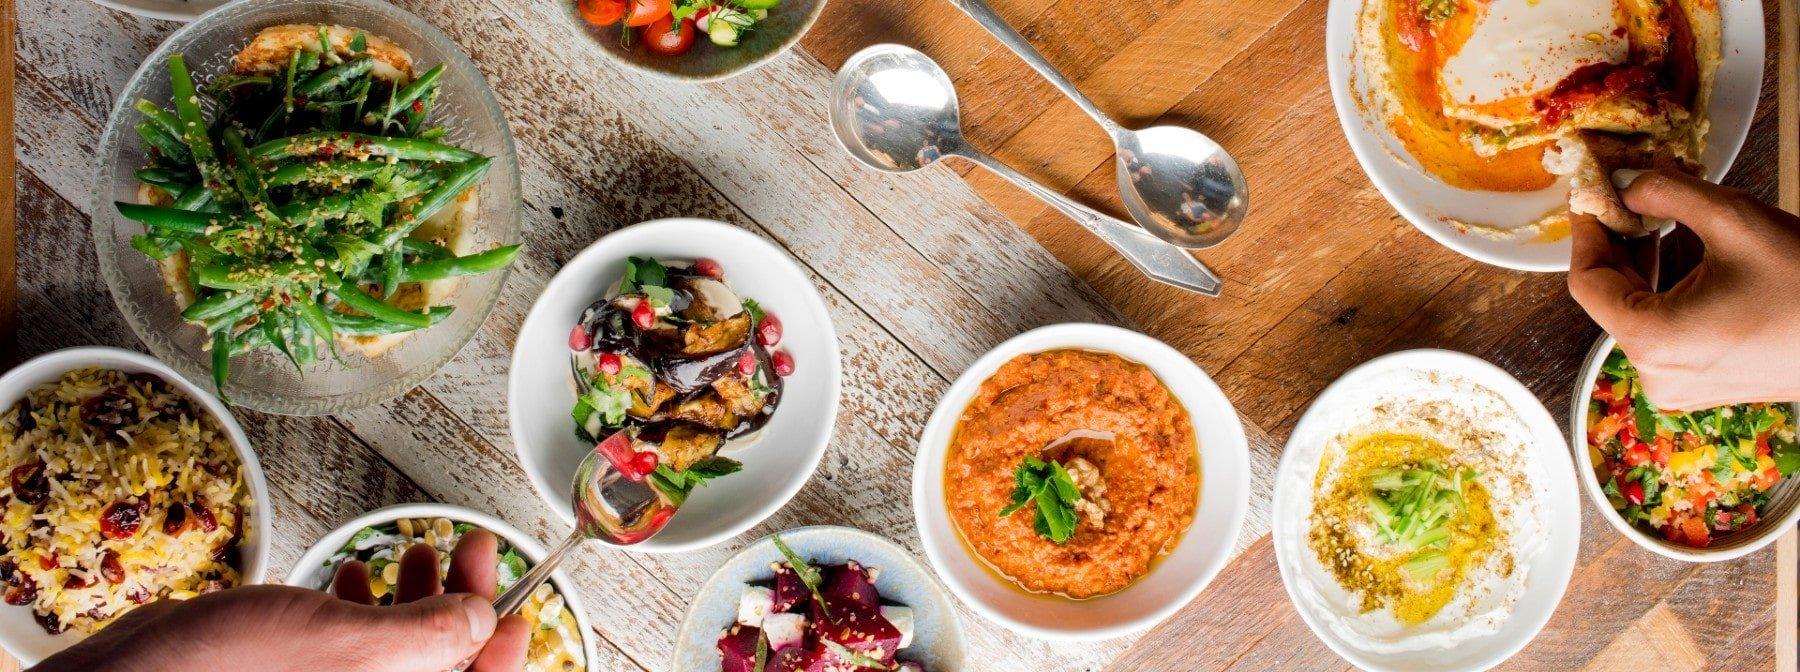 Gute Laune Lebensmittel | Die besten 7 Nahrungsmittel, die deine Stimmung boosten